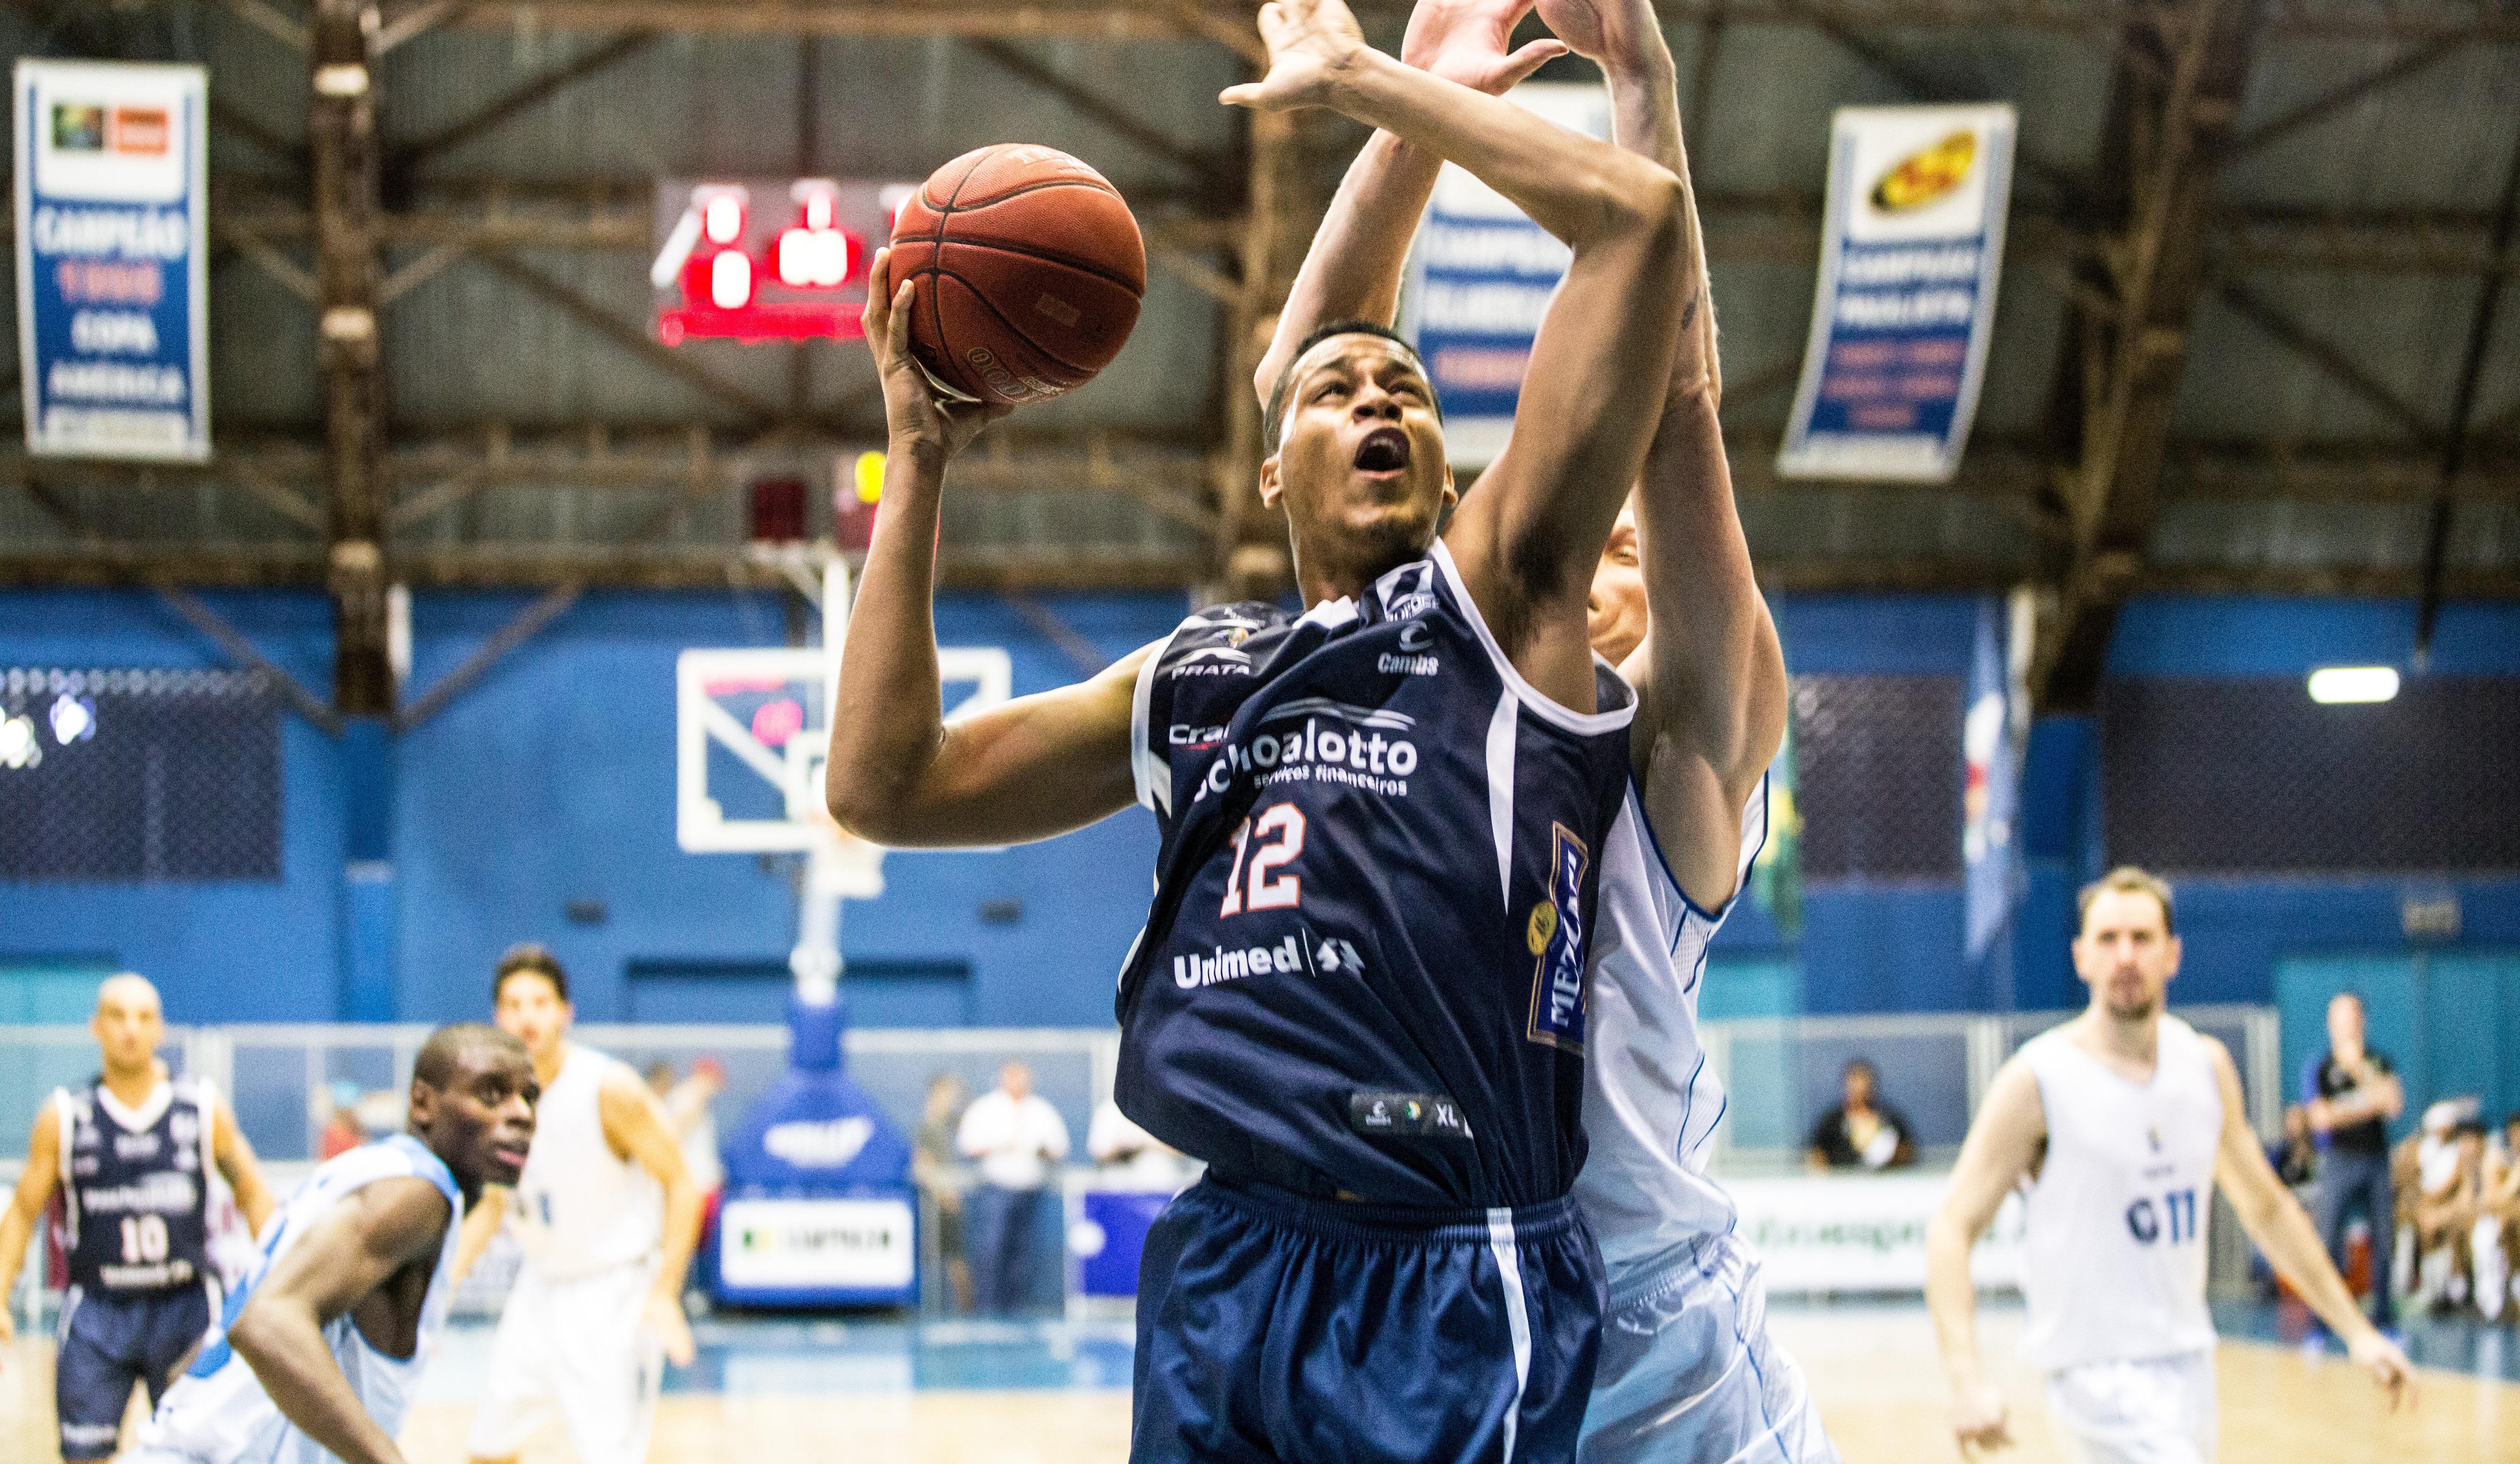 Com atuação de gente grande, jovem Wesley Sena viveu noite especial diante do Rio Claro (Caio Casagrande/Bauru Basket)